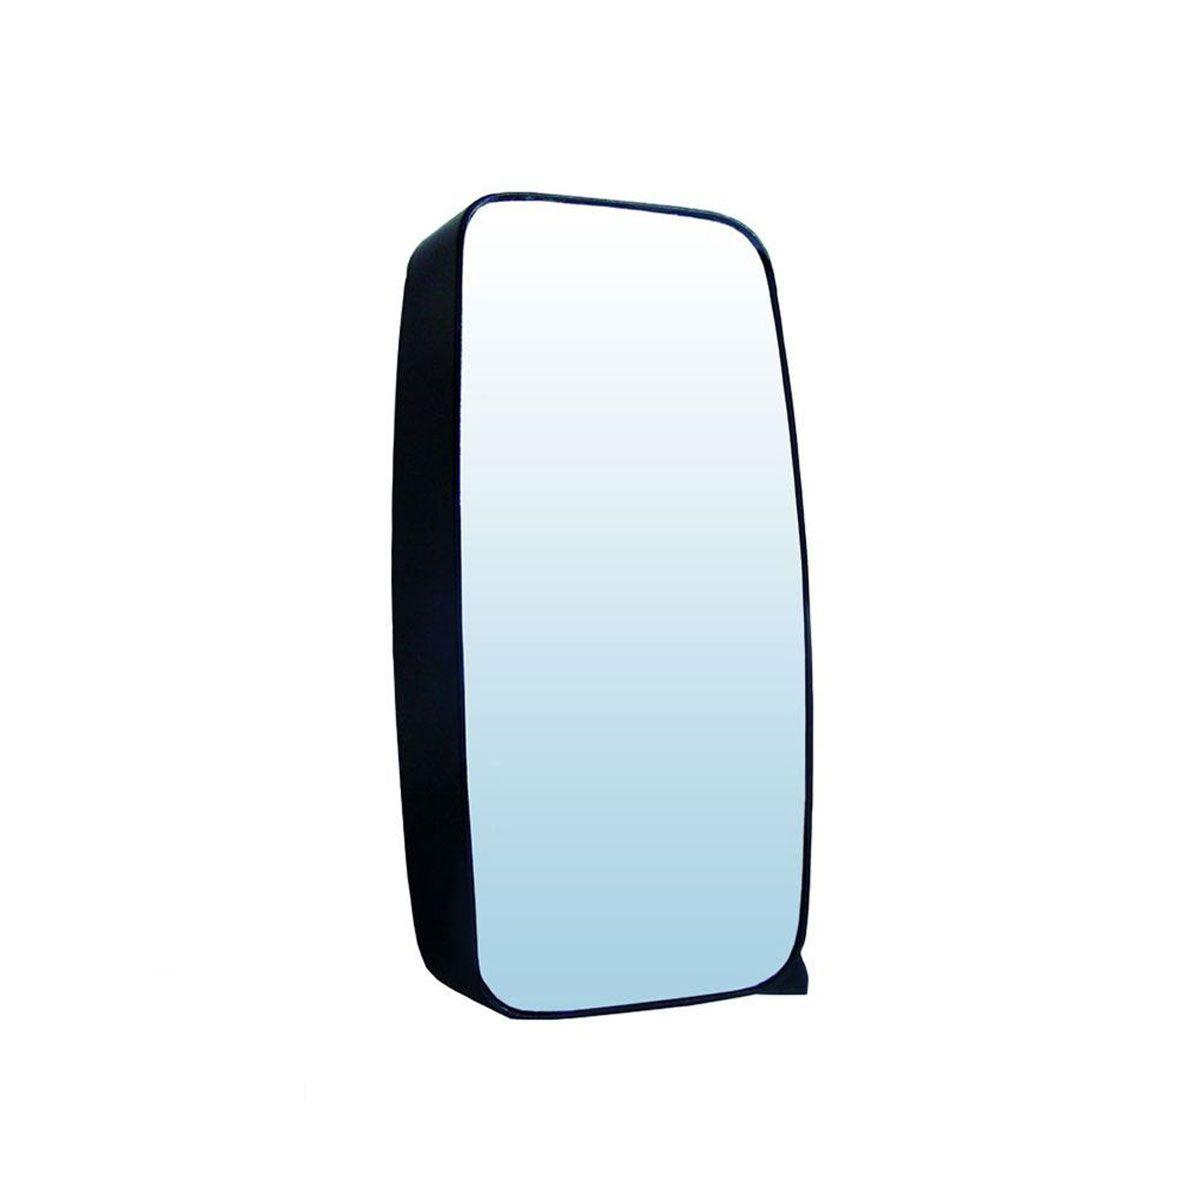 Espelho MB Axor Atego Lado Direito com Desembaçador sem Braço 0028101616